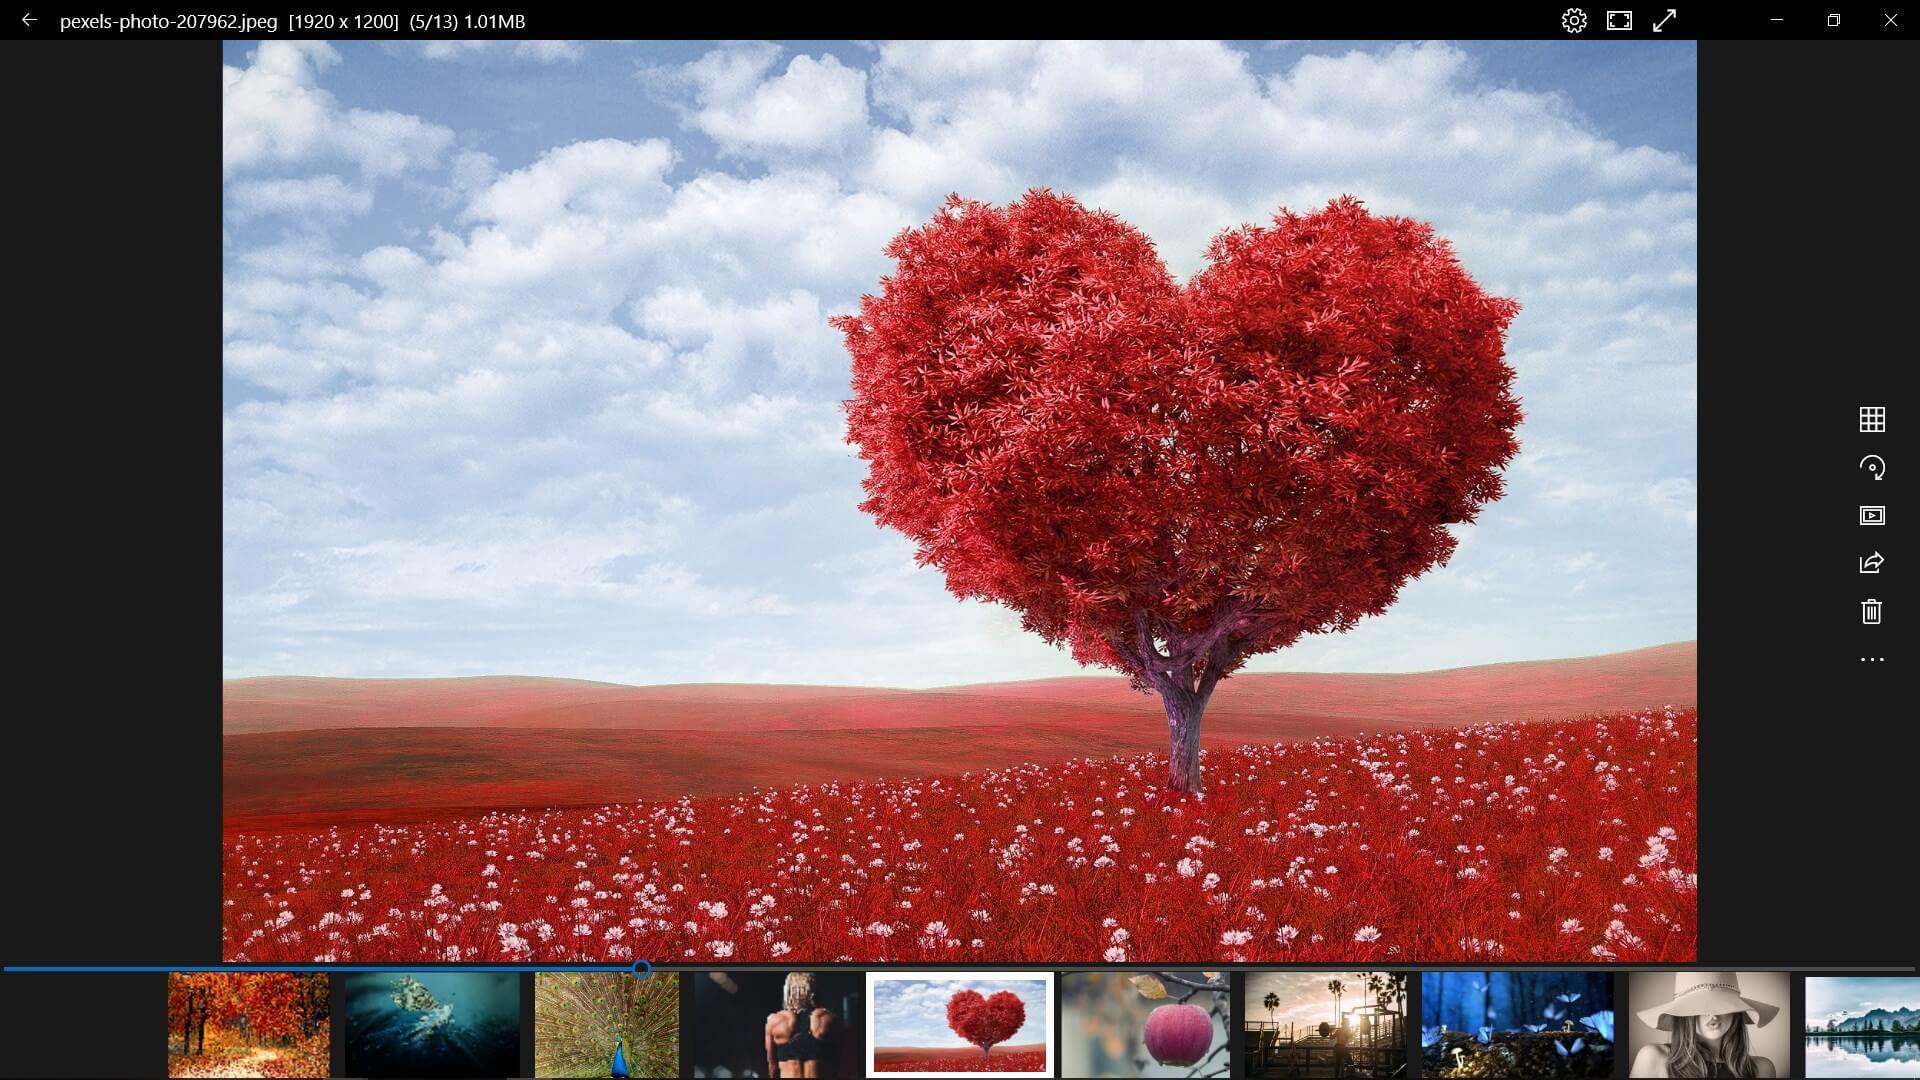 Phần mềm quản lý ảnh 123 Photo Viewer